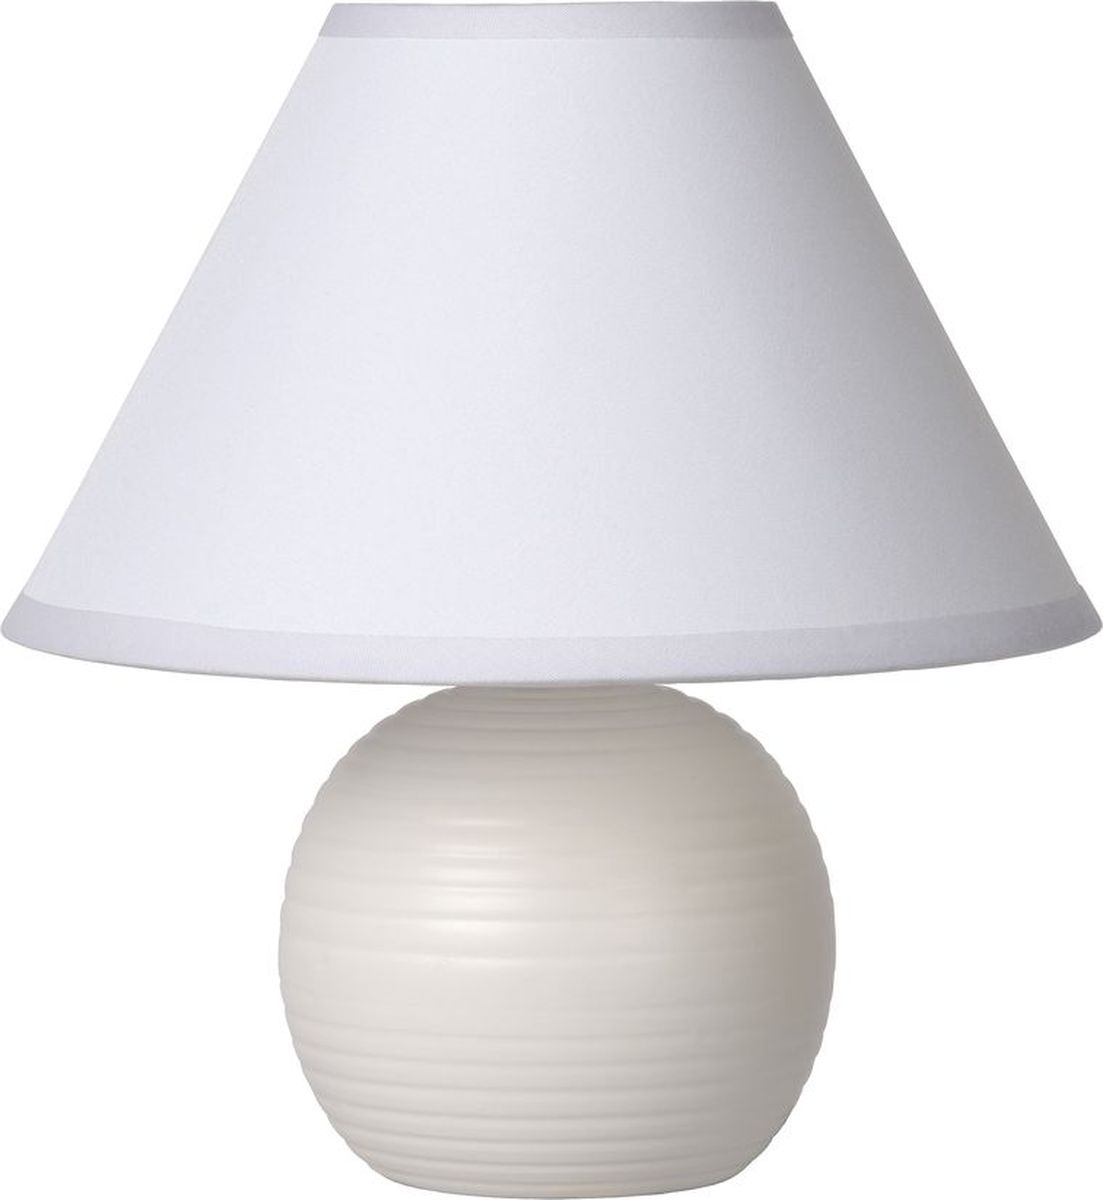 Лампа настольная Lucide Kaddy, цвет: белый, E14, 9 Вт. 14550/81/3114550/81/31